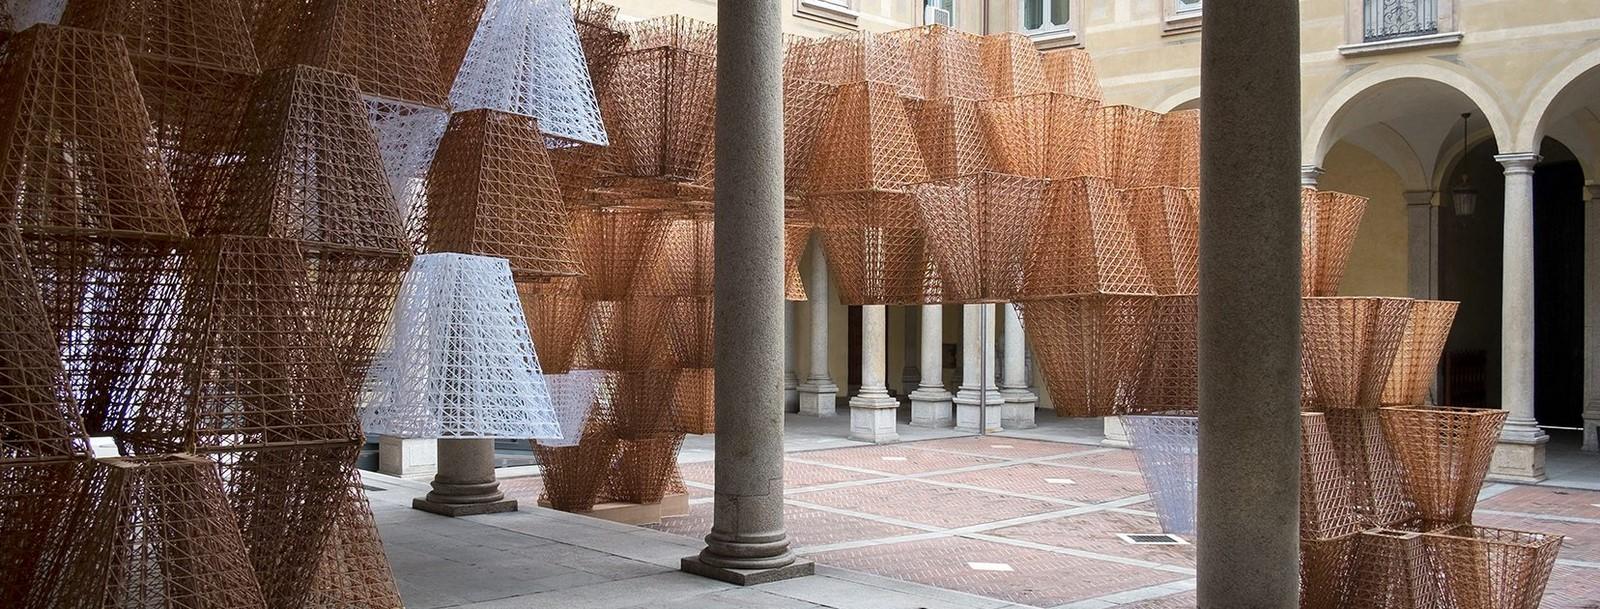 Youtube for Architects Arthur Mamou-Mani - Burning Man & Parametric Psychedelic Architecture- ProArchitect - Sheet6